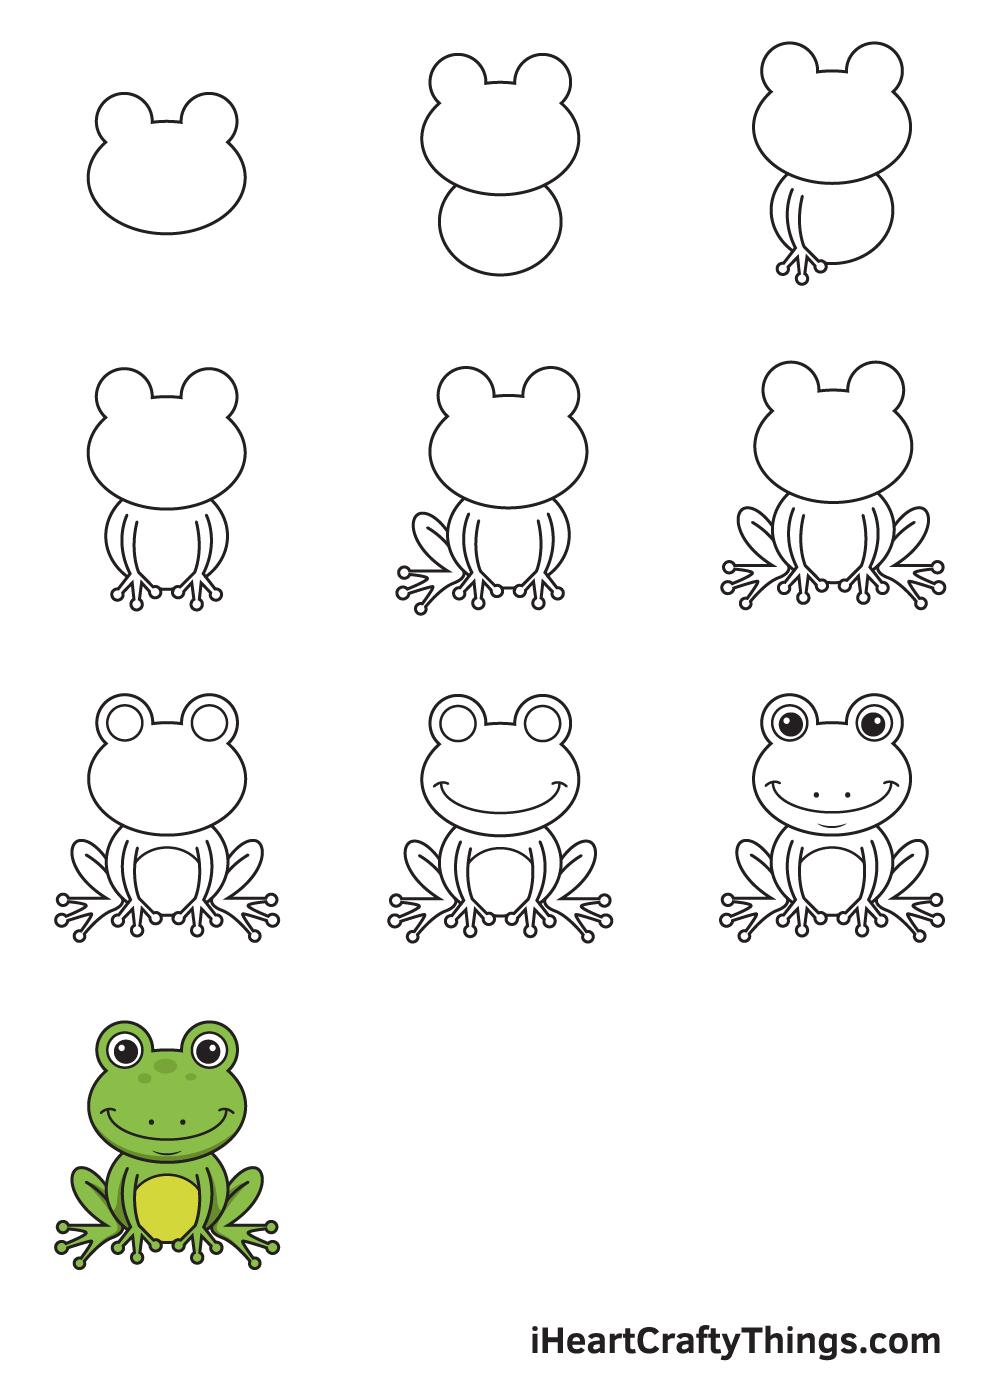 Vẽ con ếch trong 9 bước đơn giản